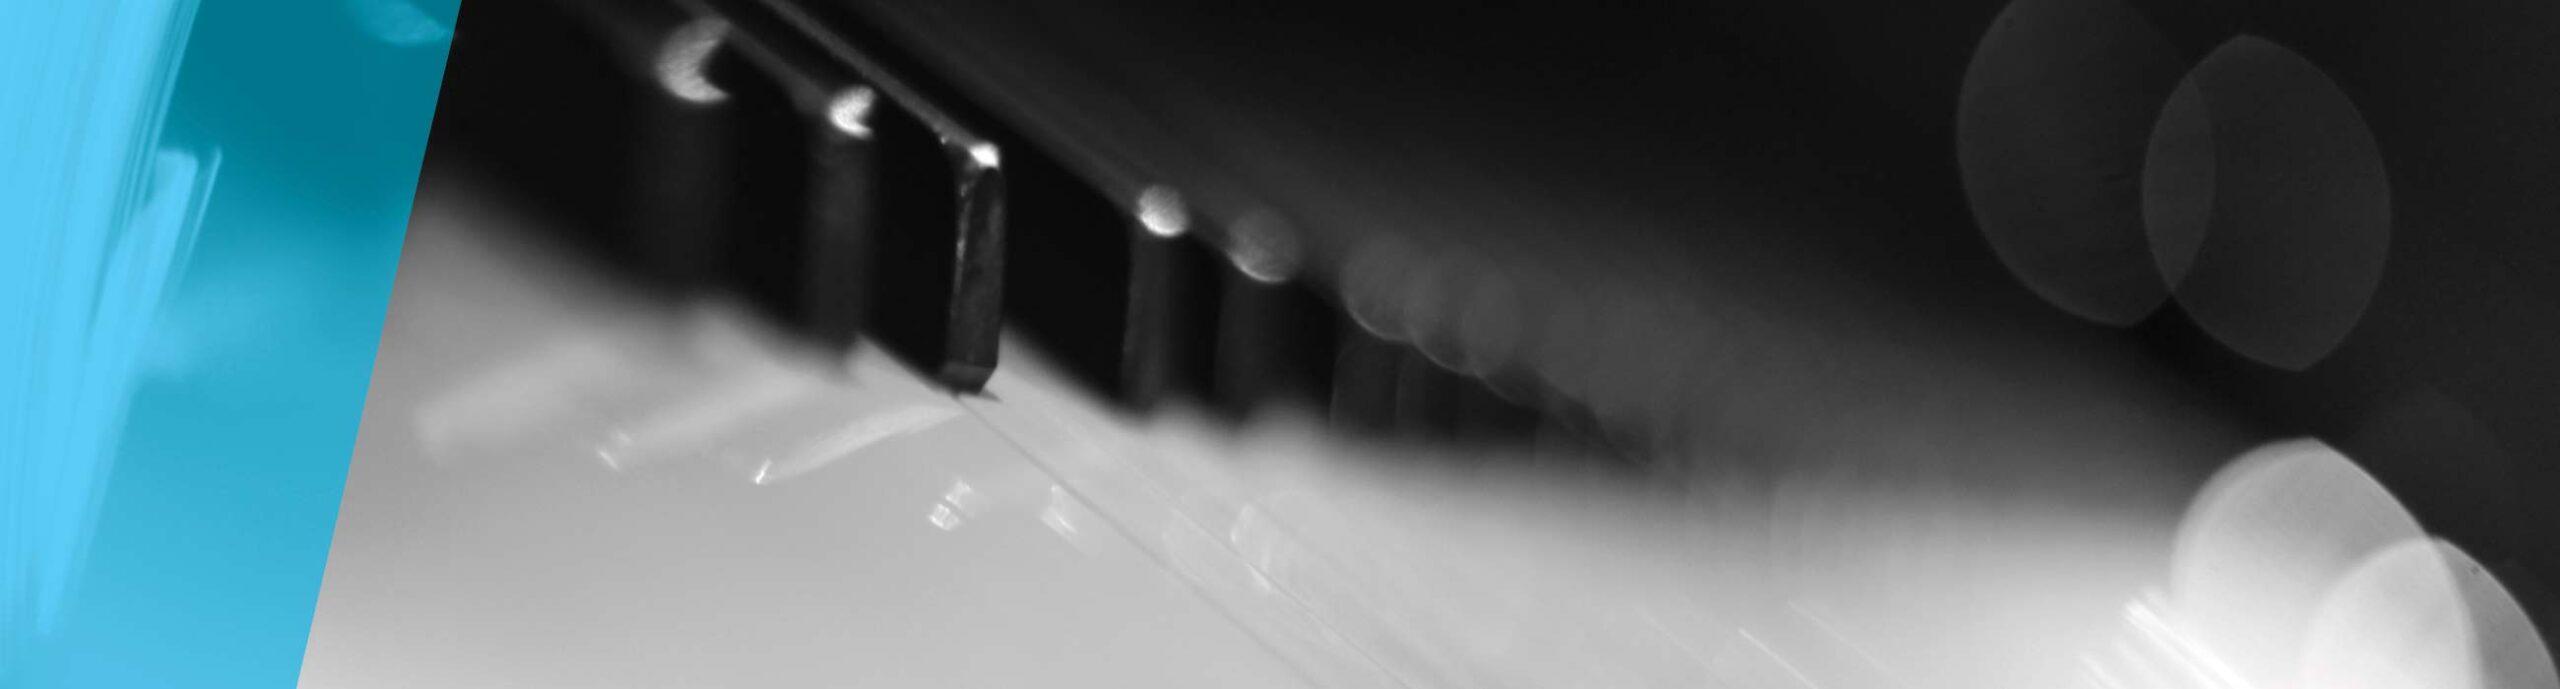 Abstract photo of piano keys